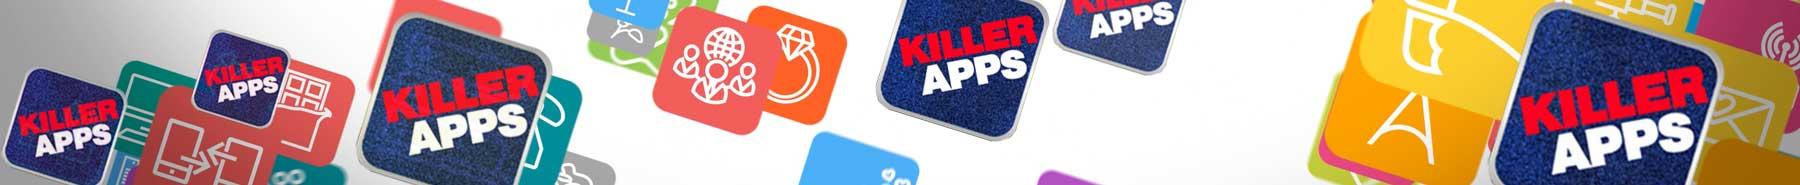 Killer Apps TV